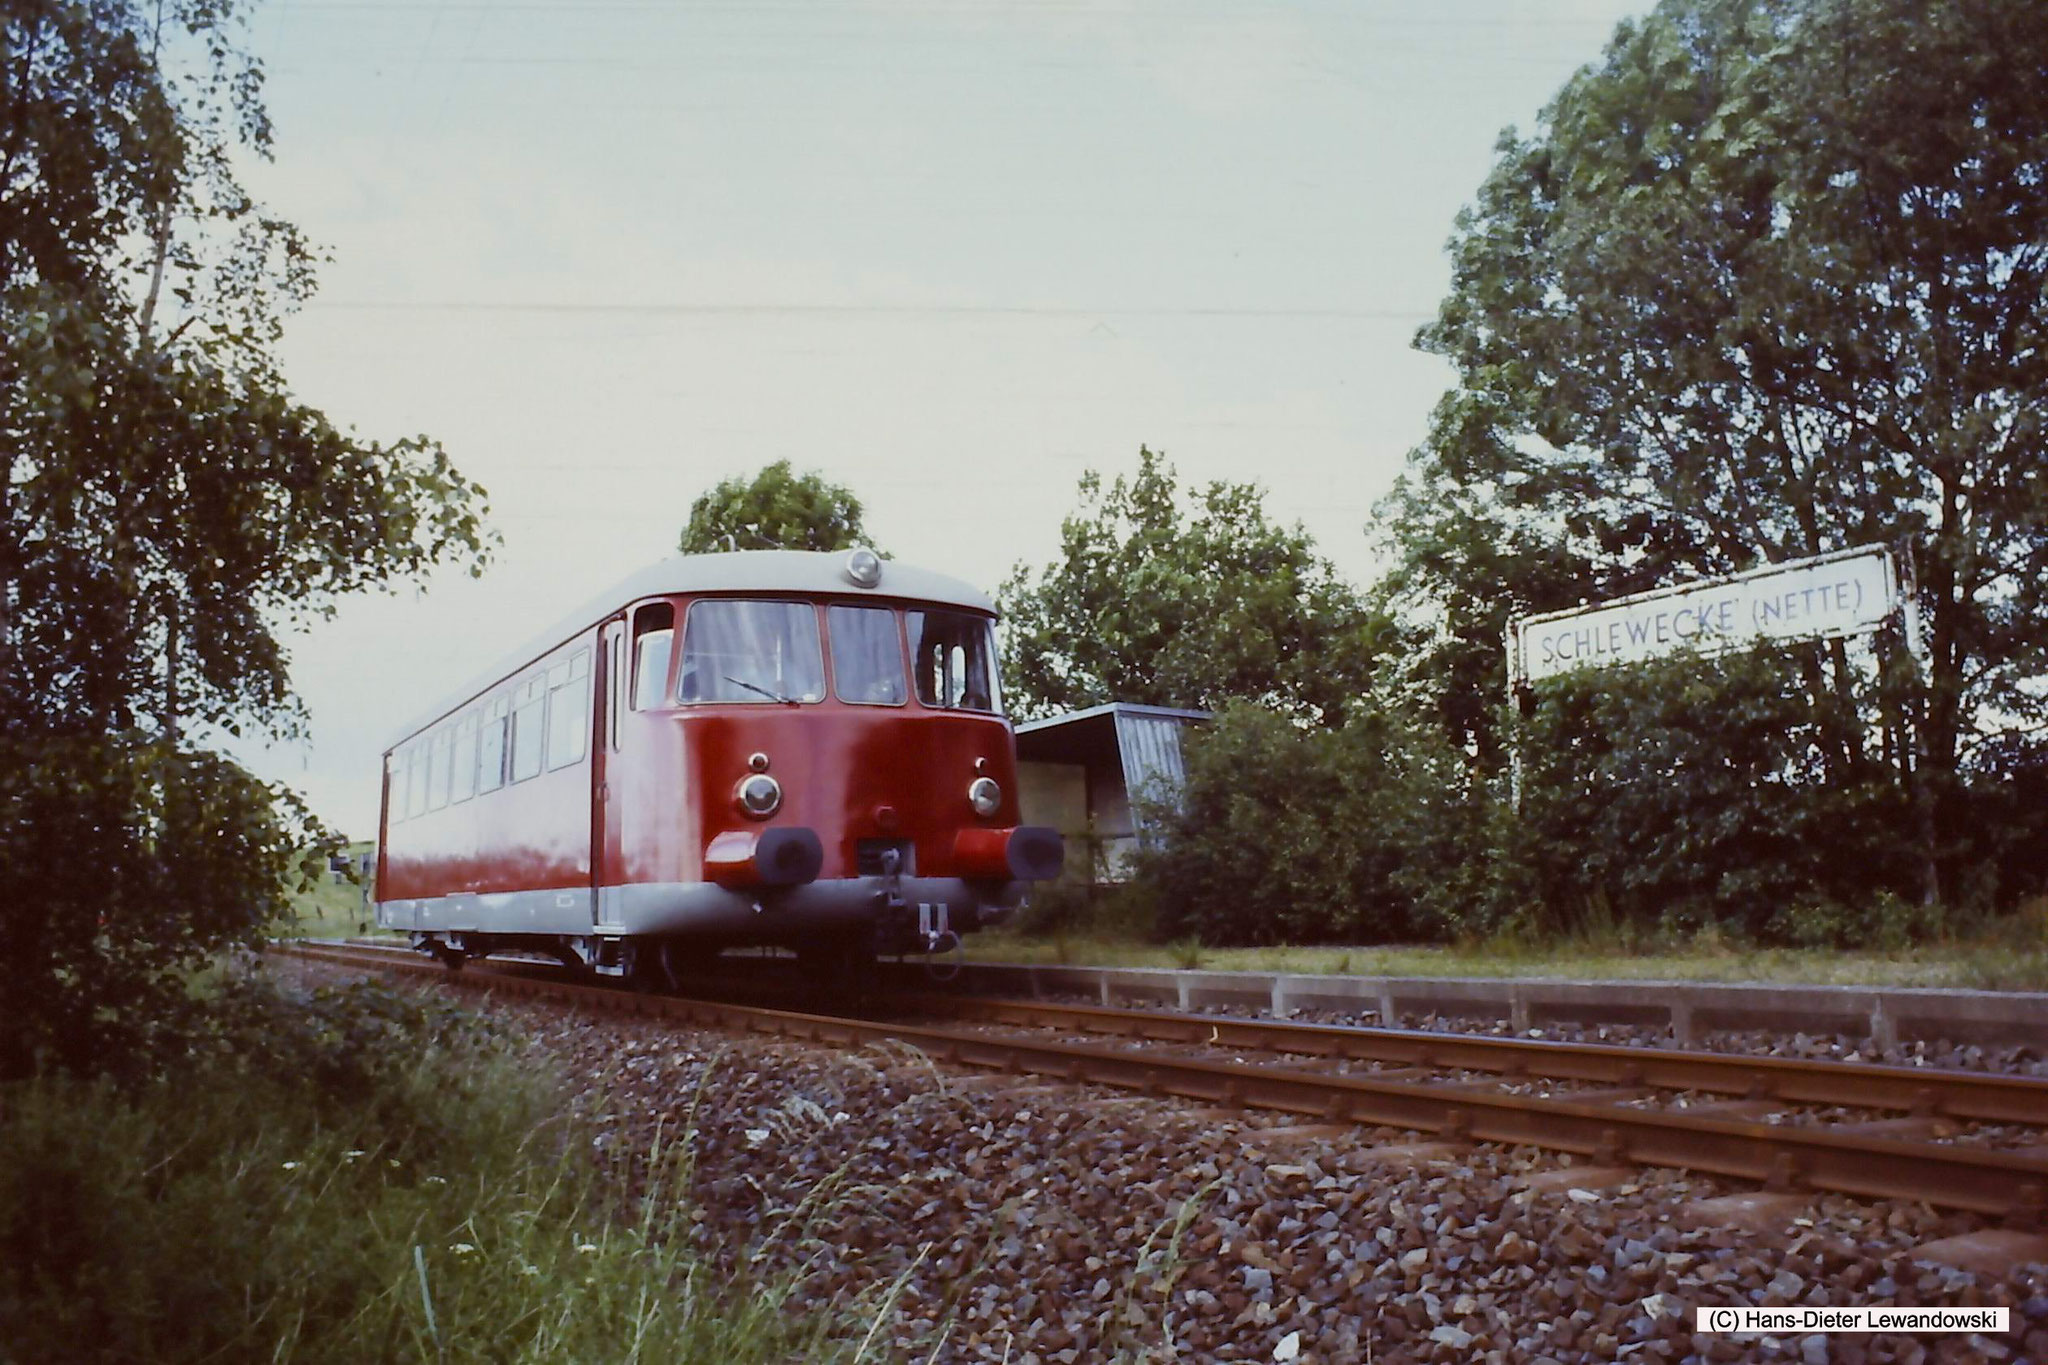 Haltepunkt Schlewecke (Nette) mit MAN - VT 1 der Dampflok-Gemeinschaft 41 096 e.V.